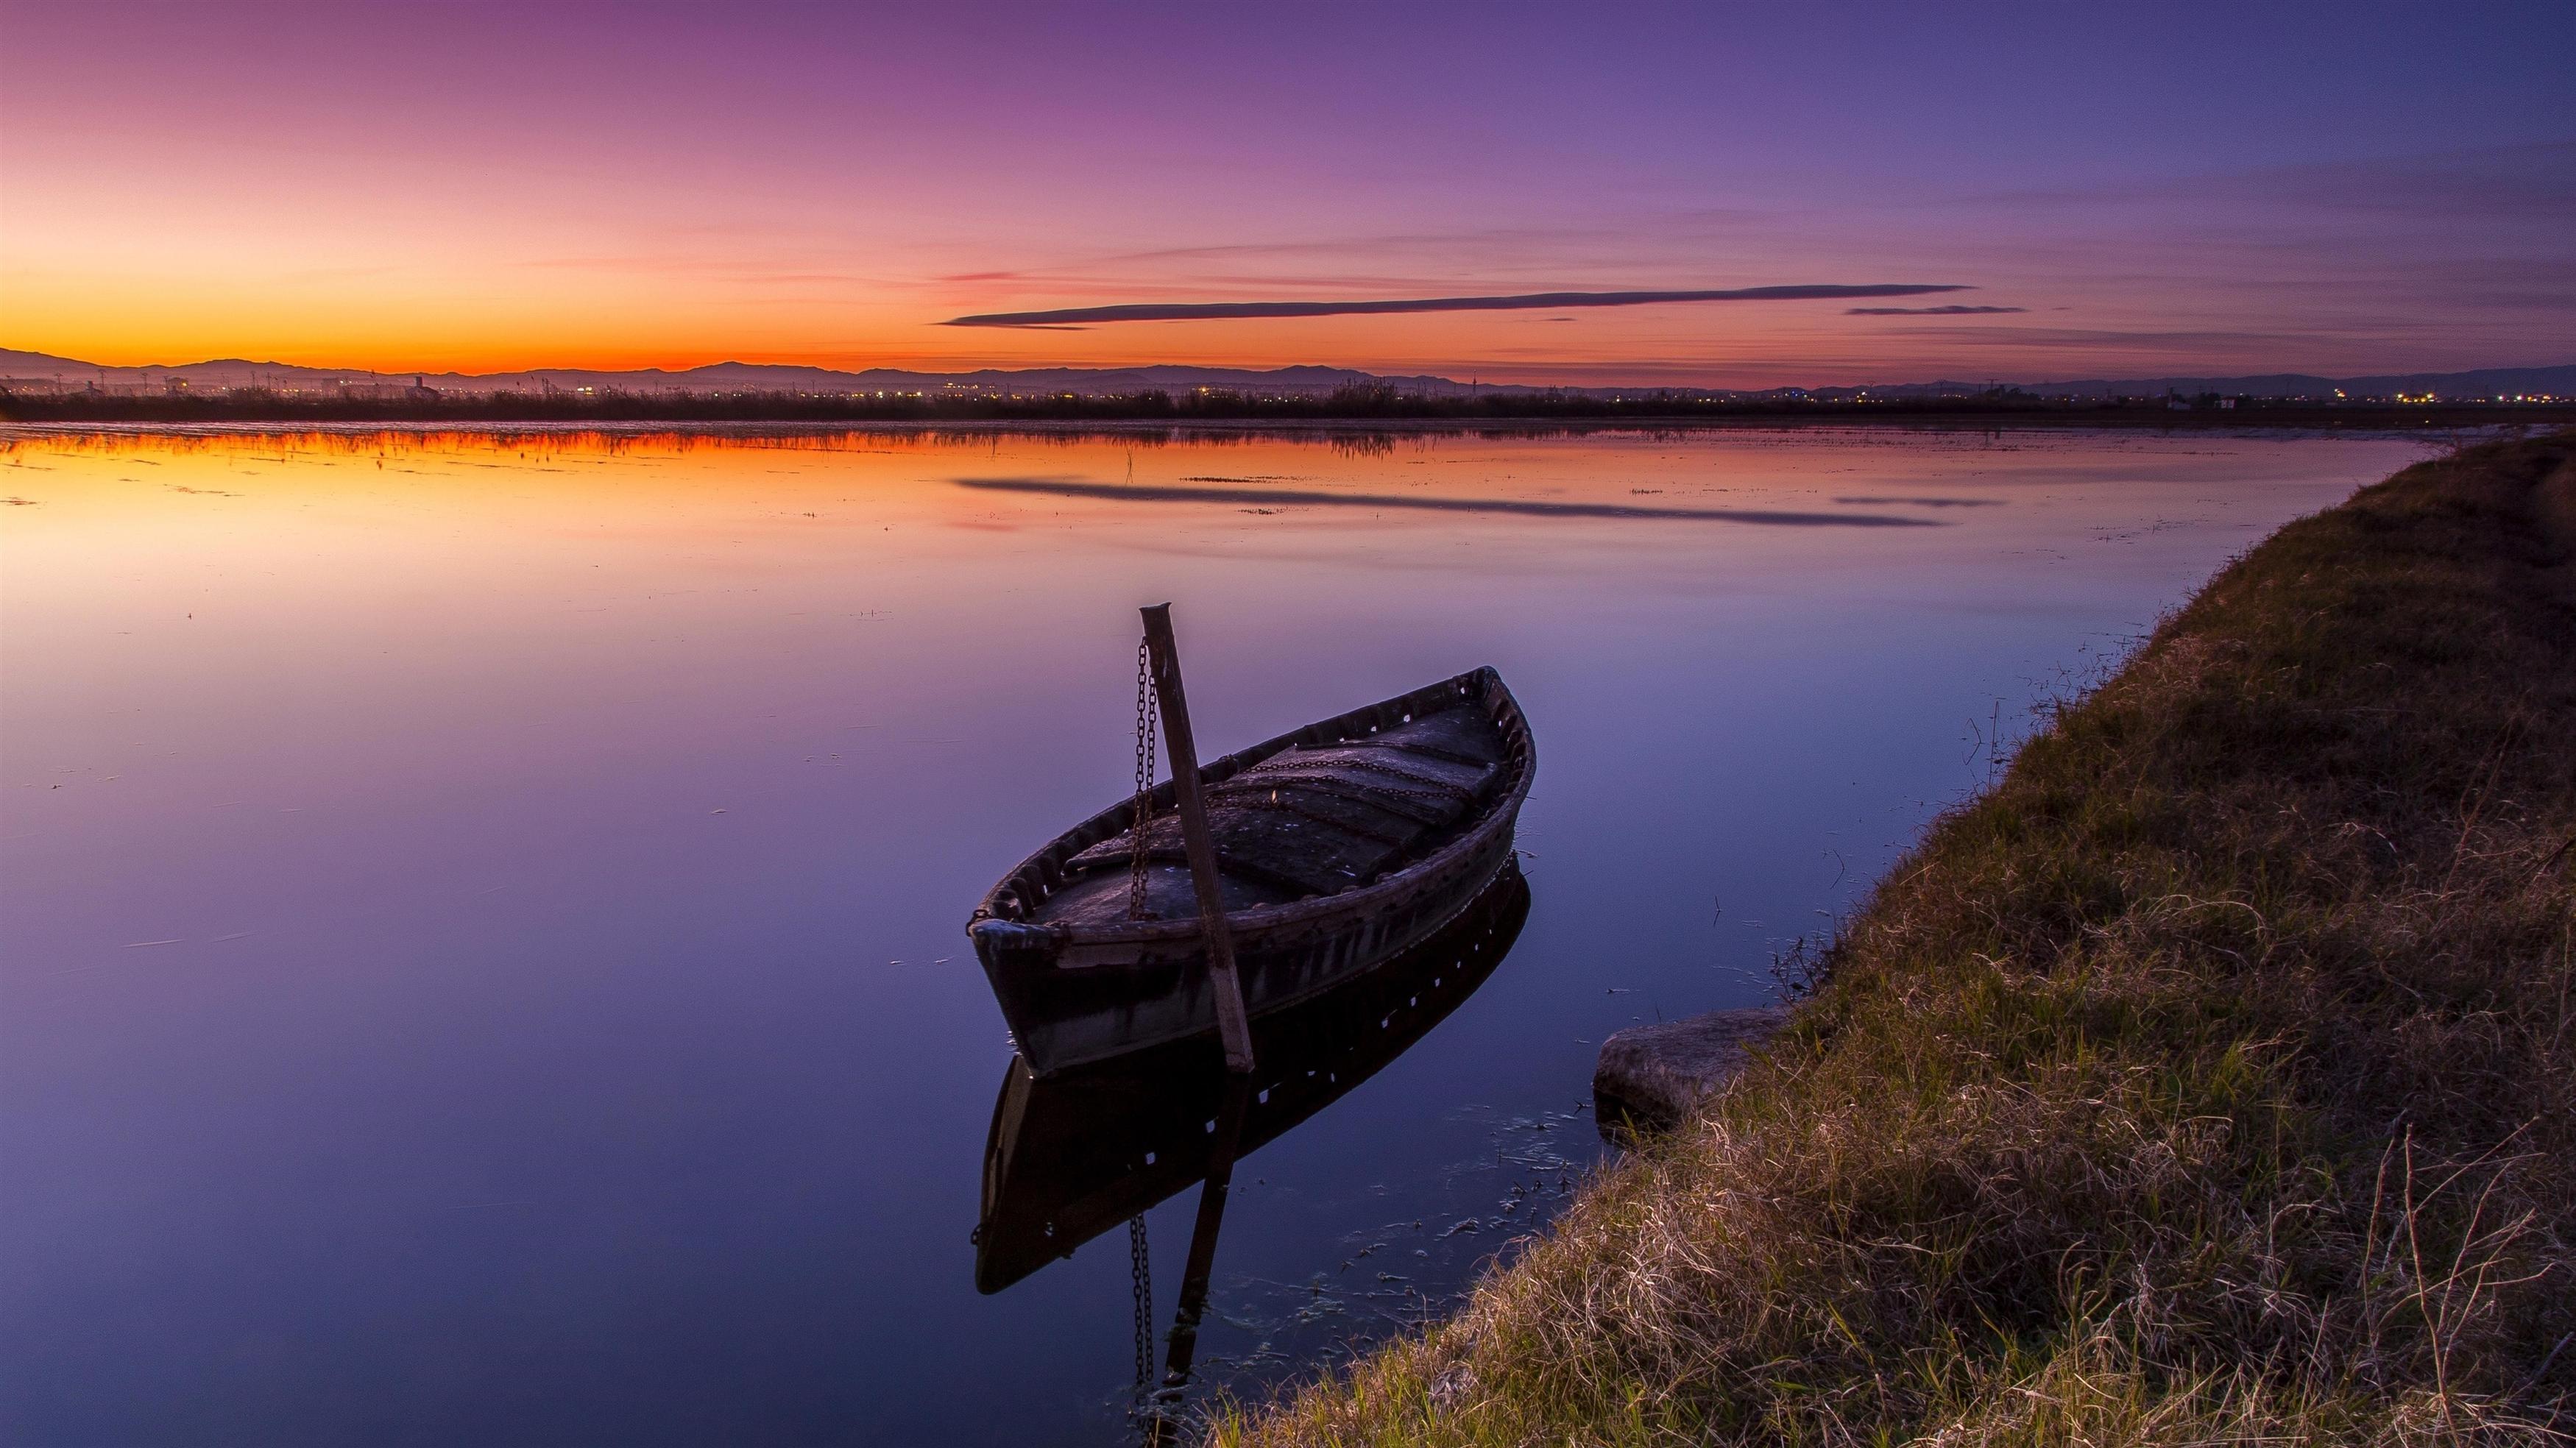 Лодка озеро закат обои скачать